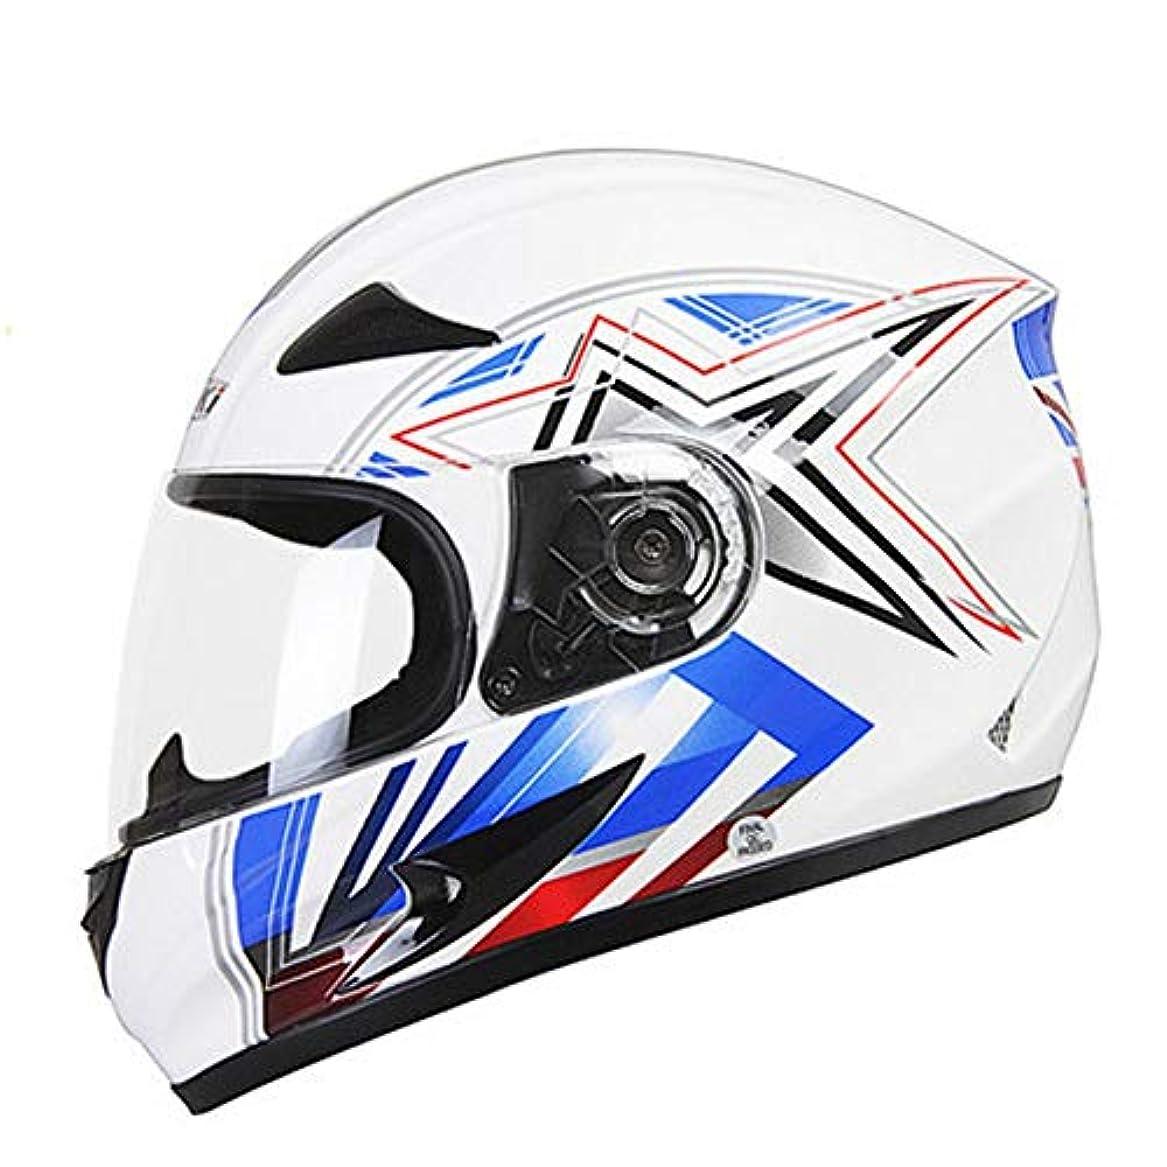 反発大邸宅無限HYH ホワイトオートバイフルカバーヘルメット男性機関車防曇フルフェイスヘルメットレーシング電気自動車ヘルメットABSスターパターン(暖かいスカーフ付き) いい人生 (Size : XL)